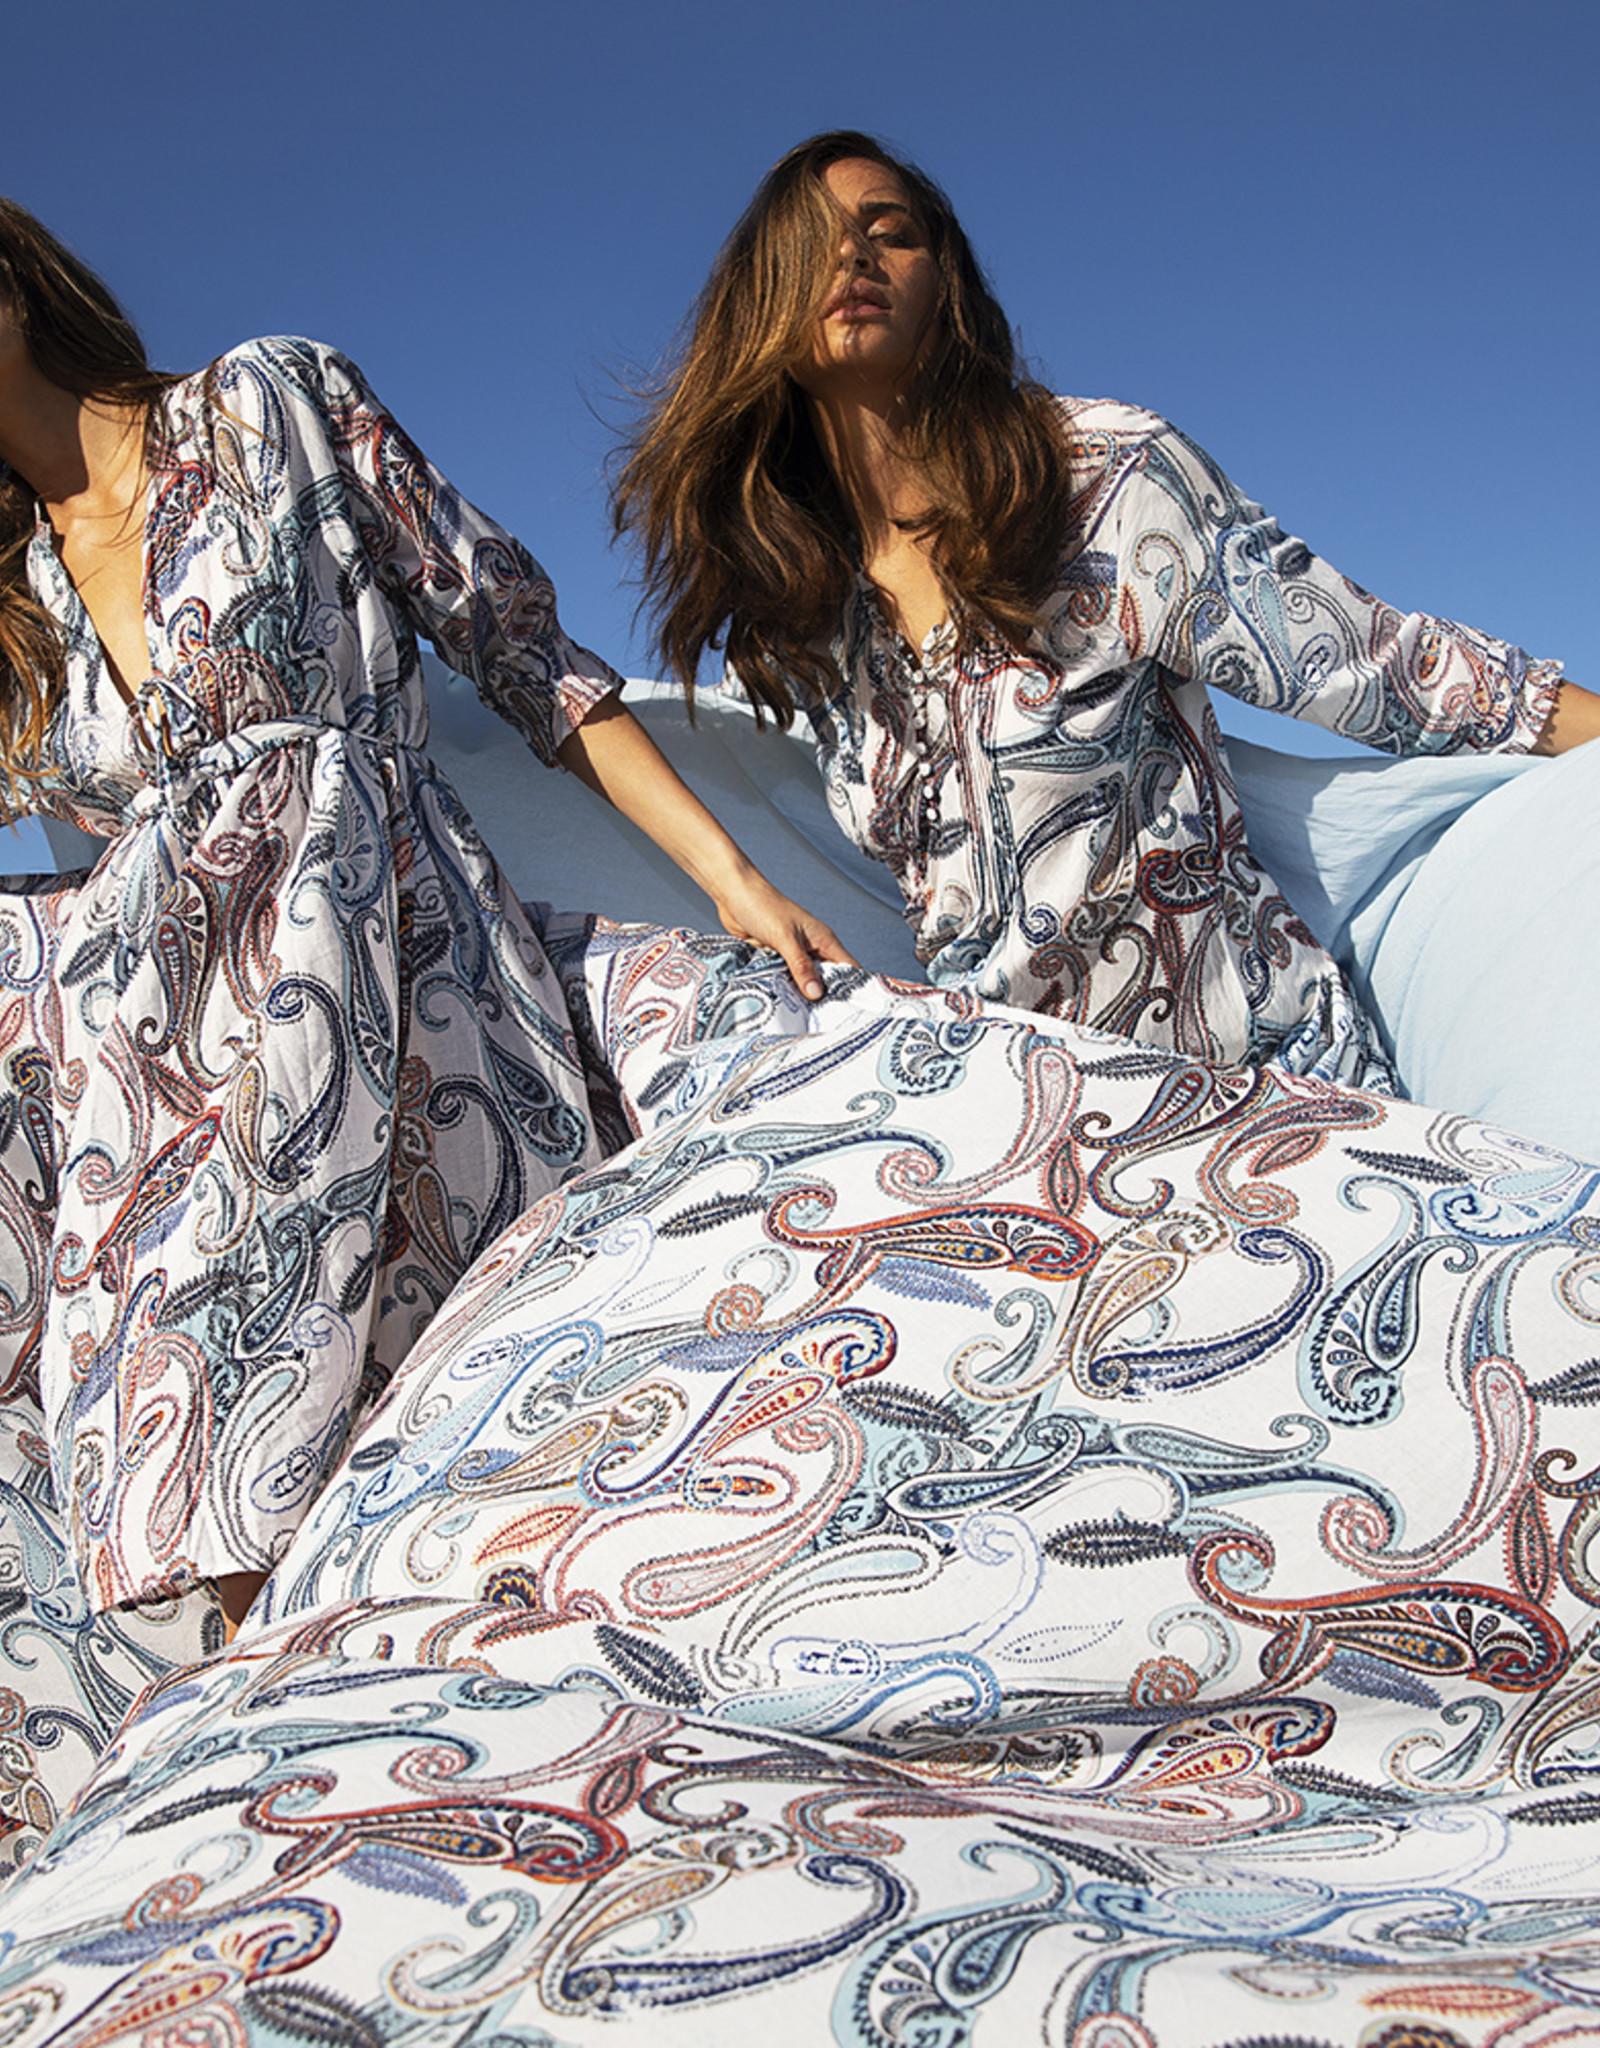 ONESEASON LONG POPPY DRESS MENORCA WHITE